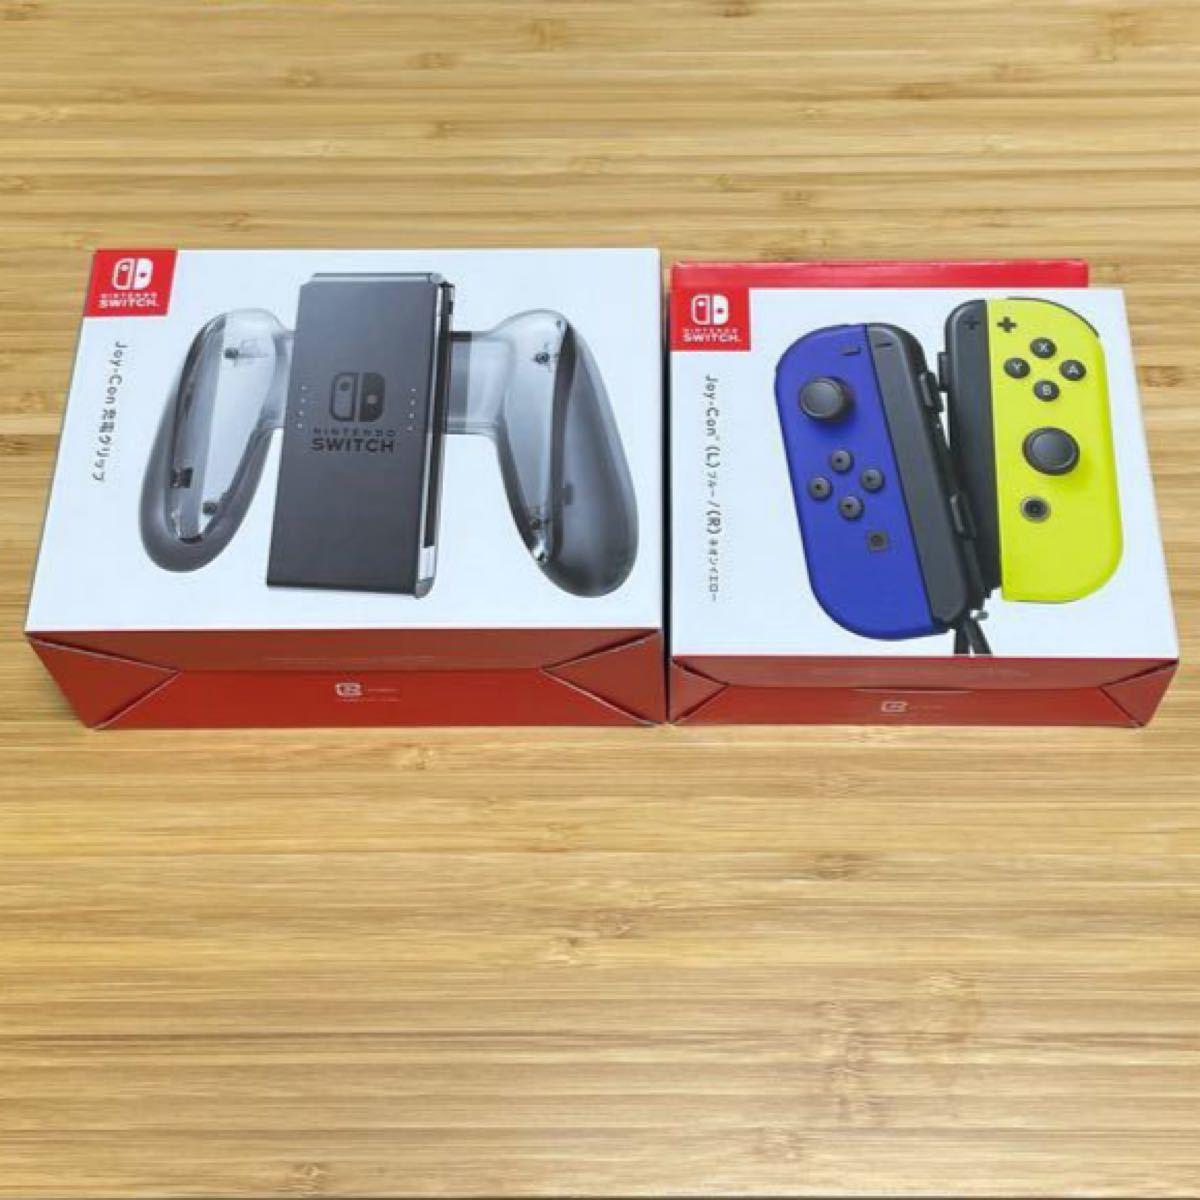 Nintendo Switch Joy-Con(L) ブルー/ (R) ネオンイエロー ジョイコン 任天堂スイッチ コントローラー